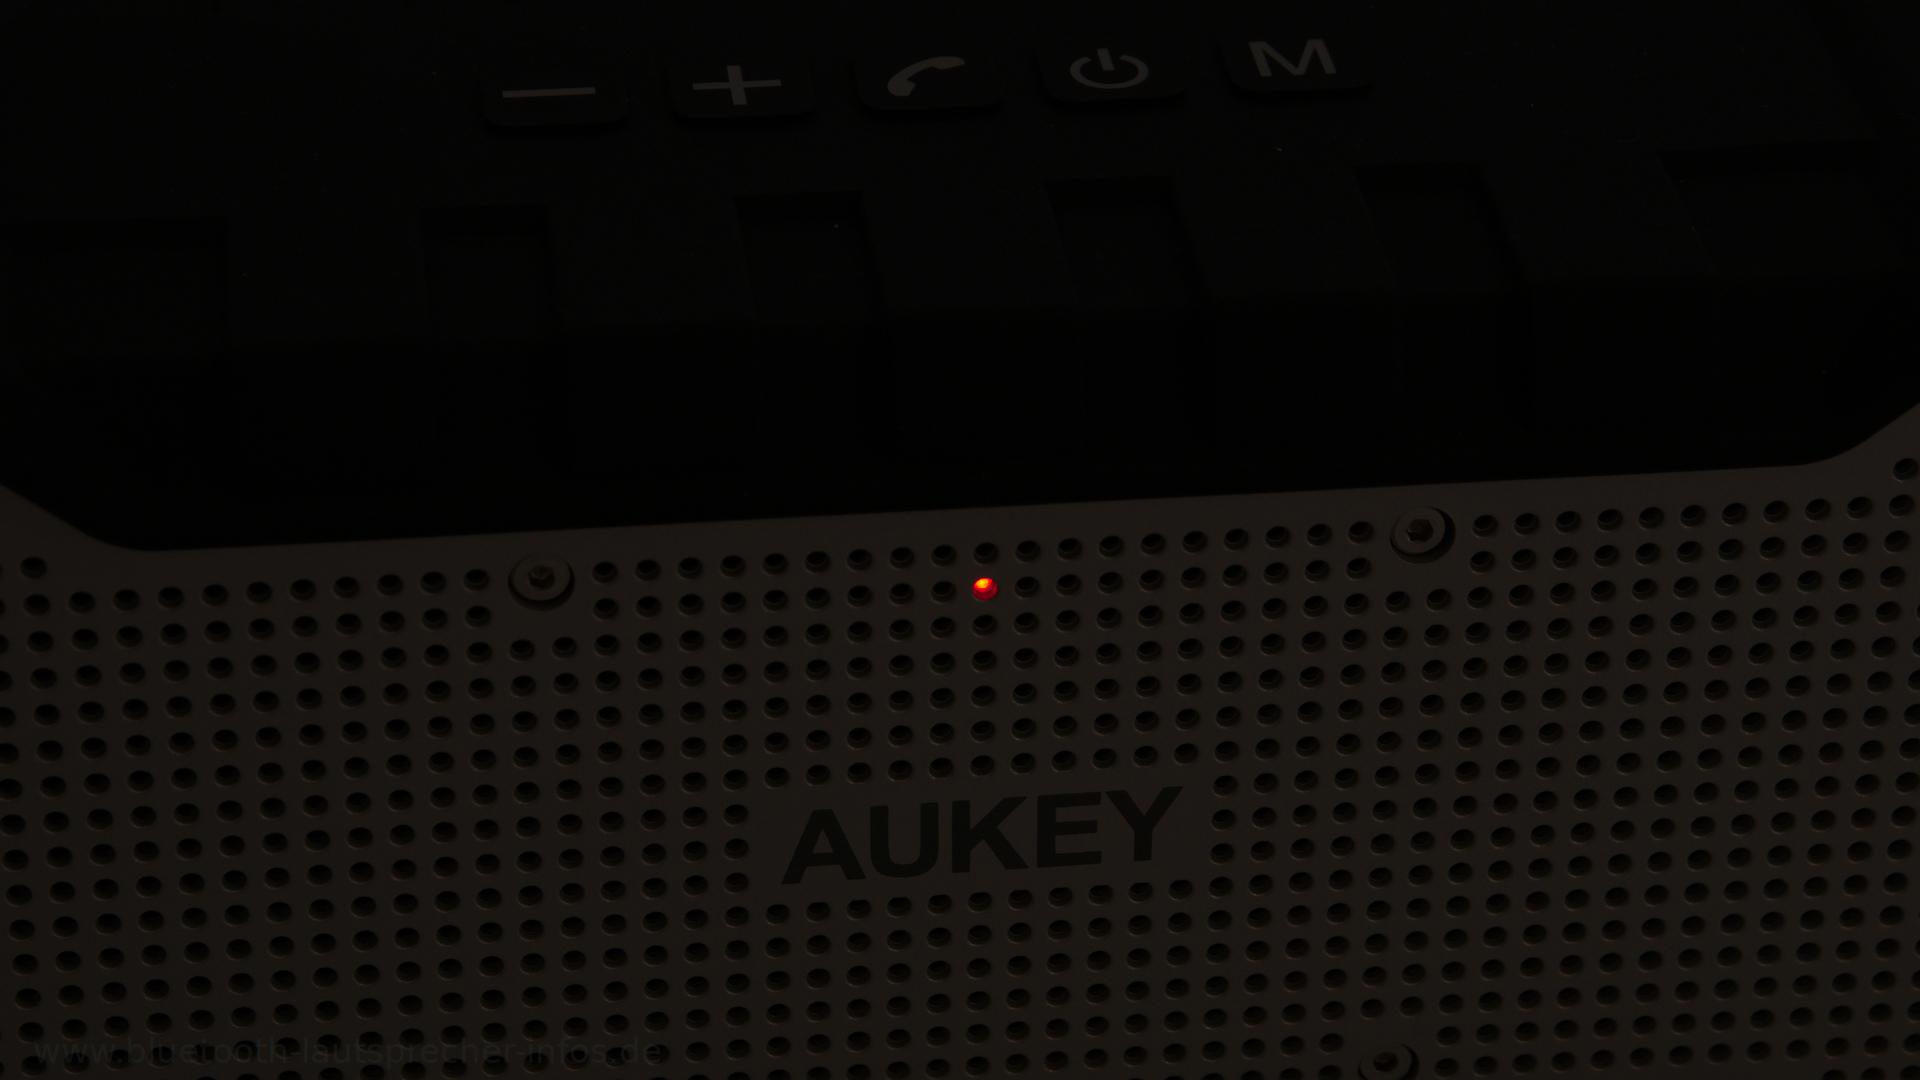 AUKEY SK M12 17